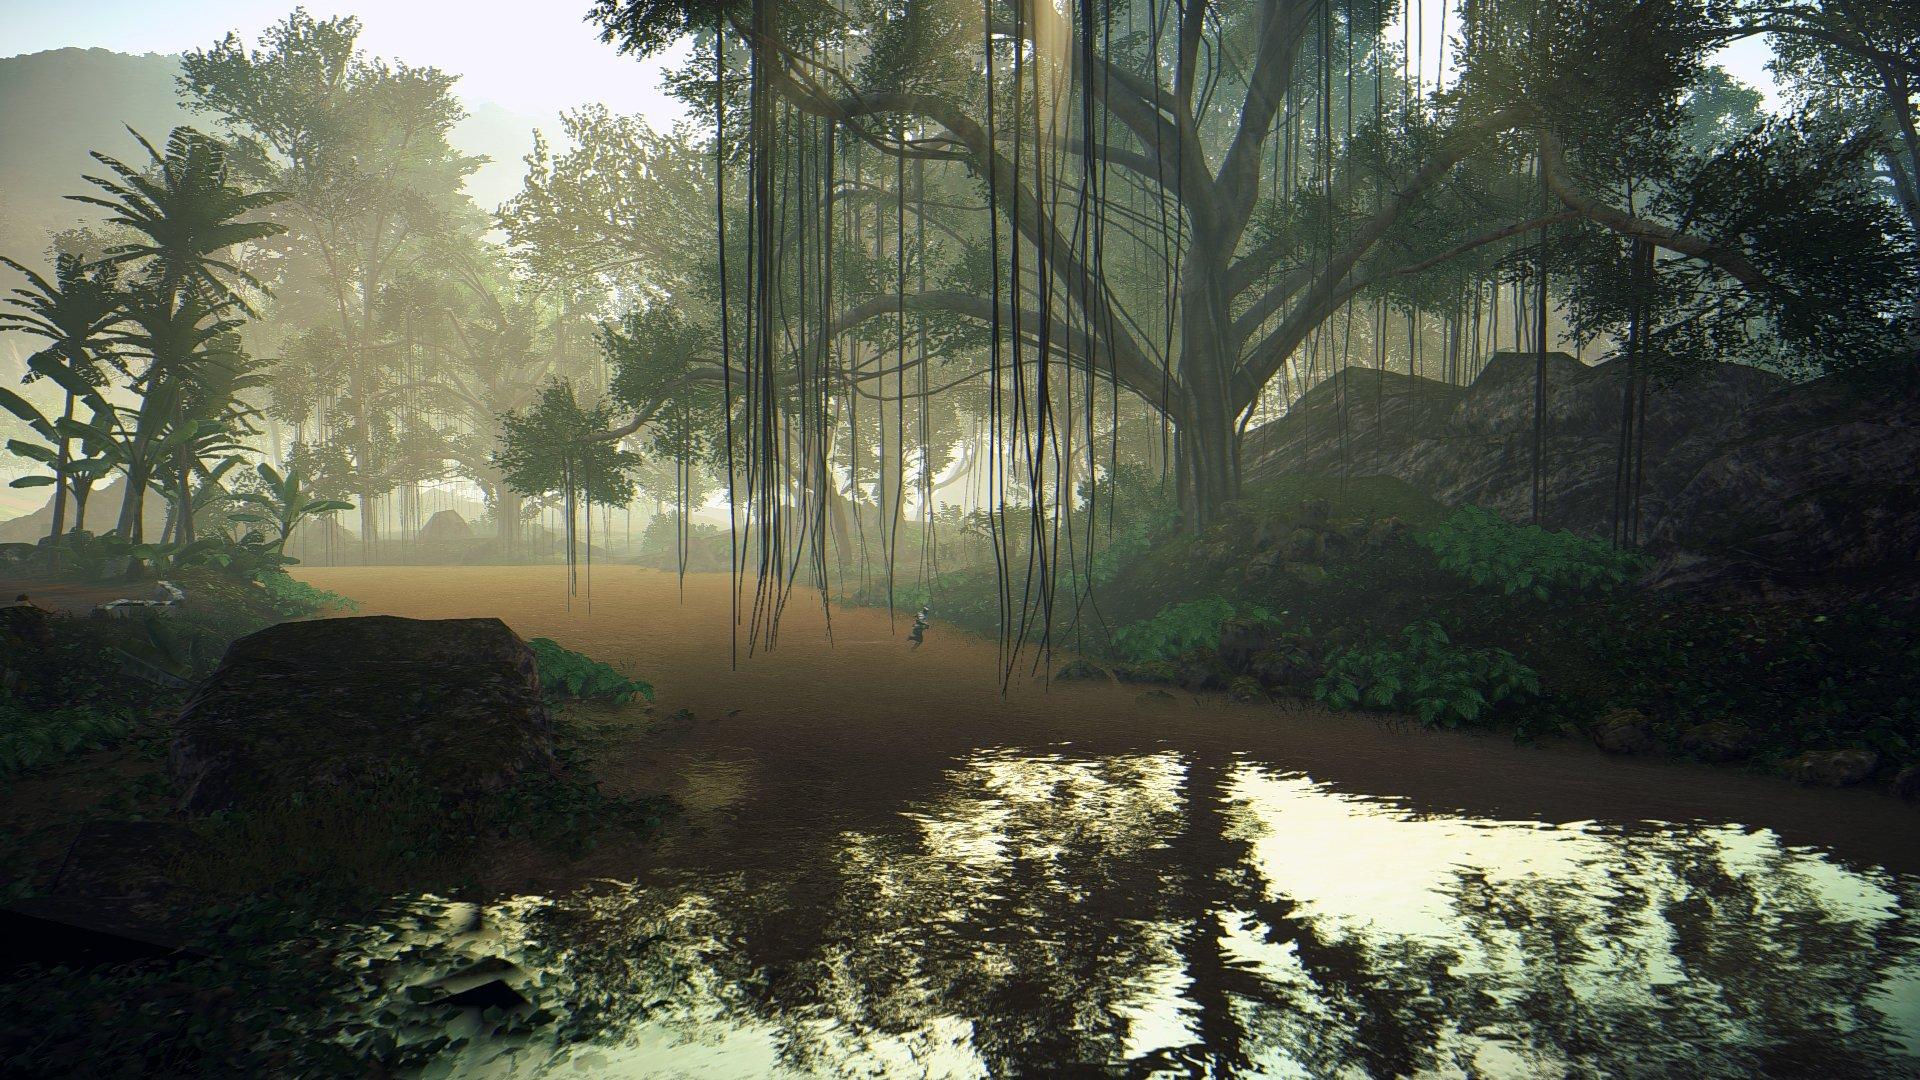 Карта сообщества Battlefield 4 - Изображение 2